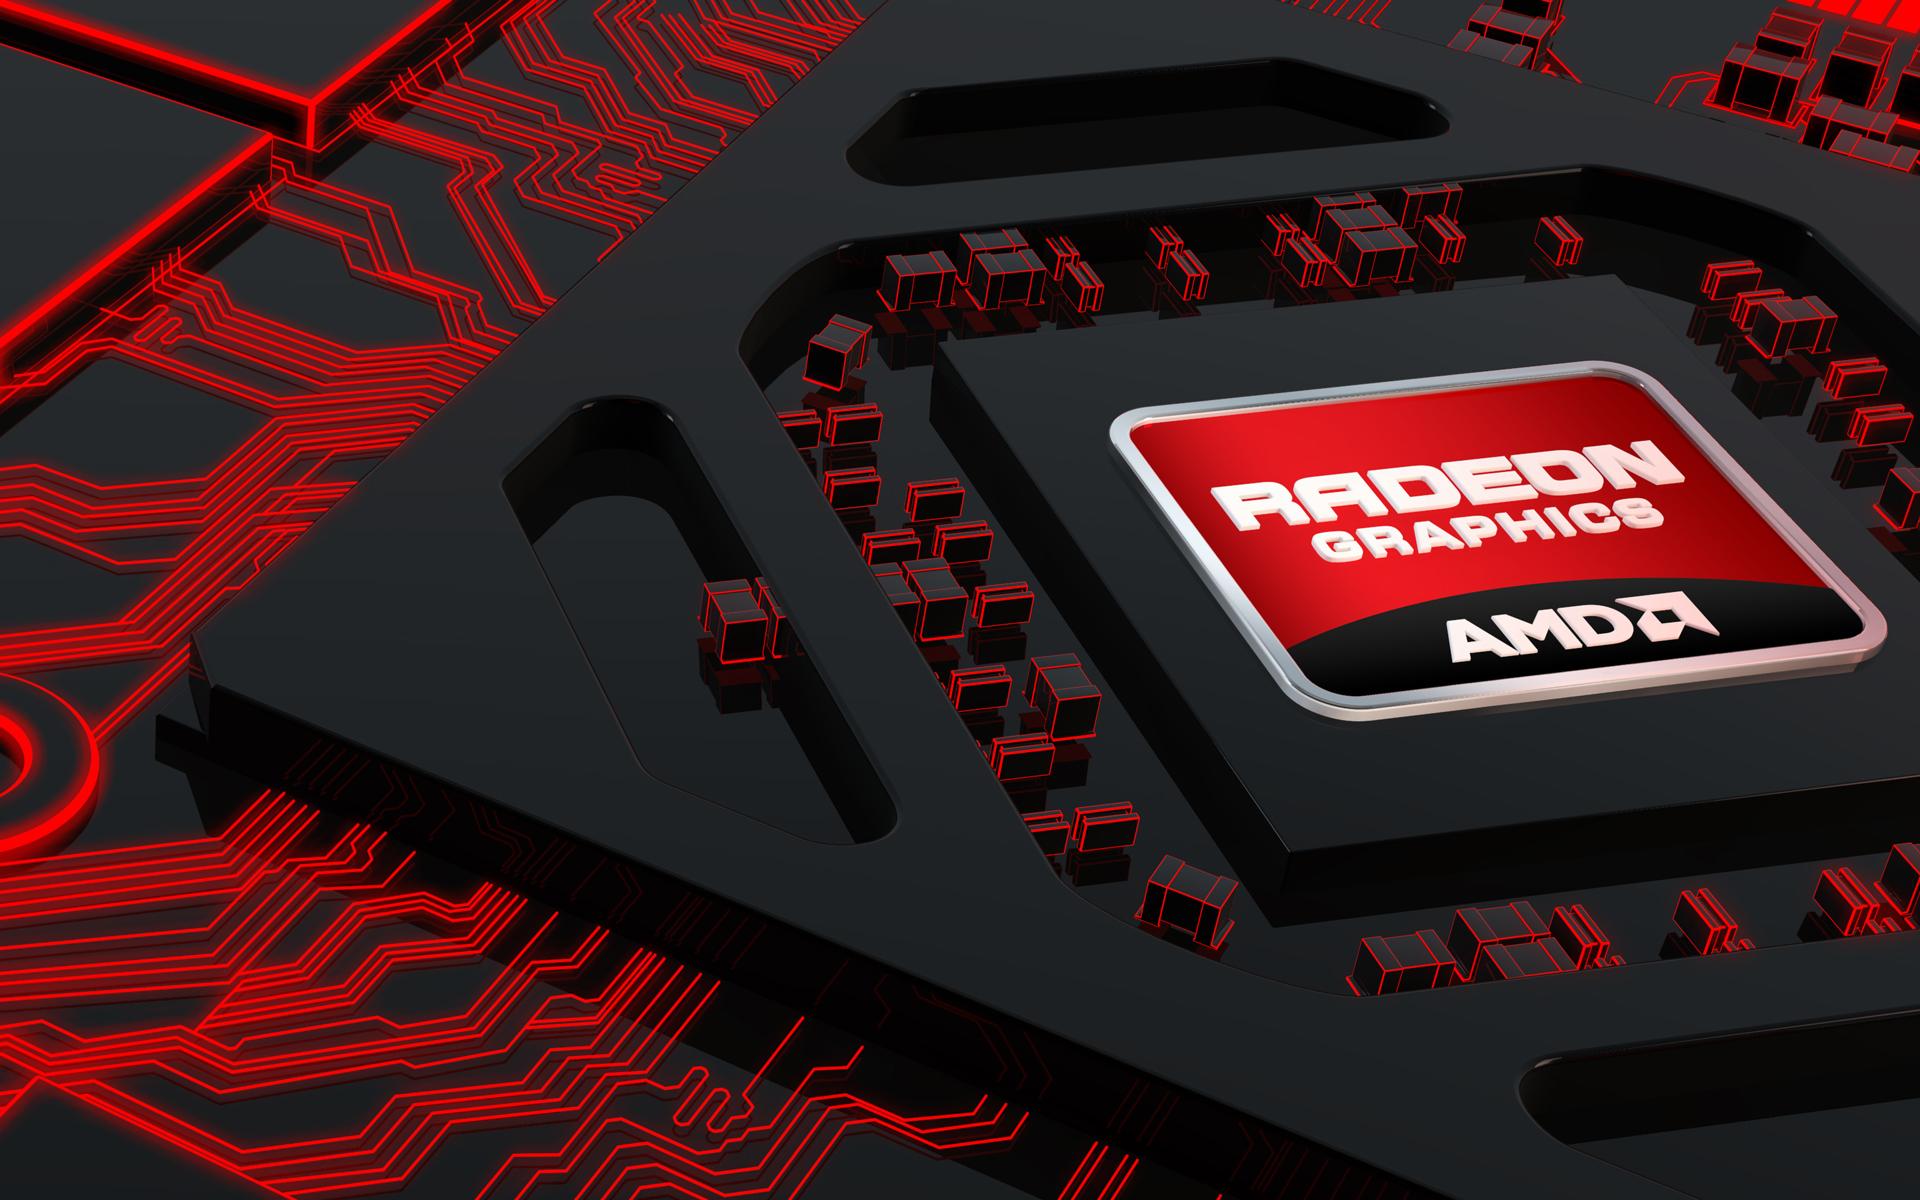 AMD świętuje 30 lat na rynku kart graficznych i prezentuje swoją historię